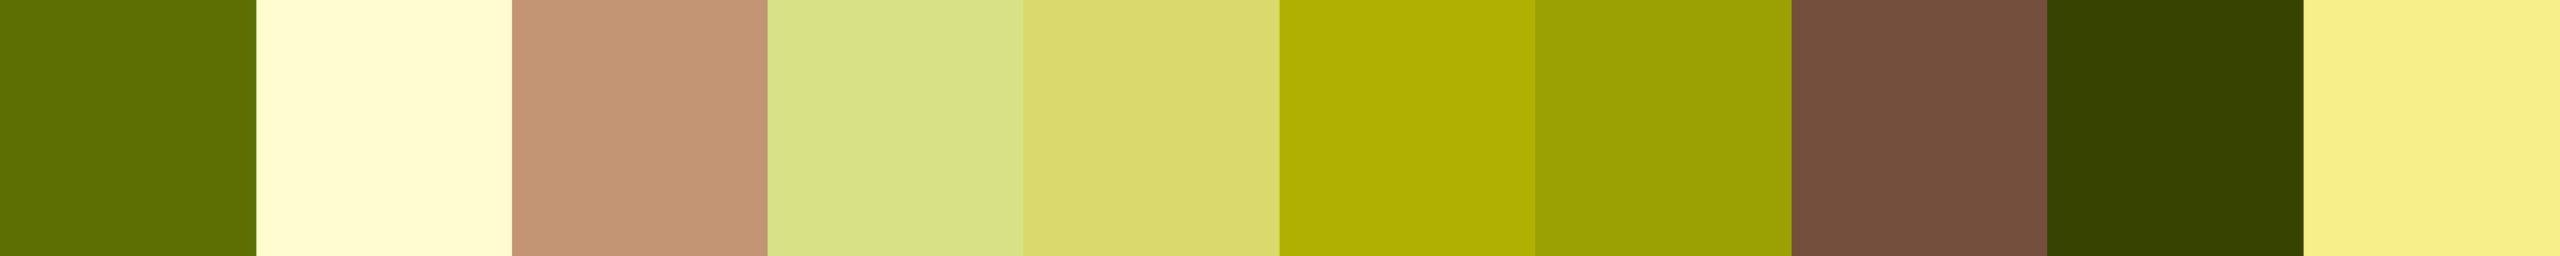 419 Ortaza Color Palette